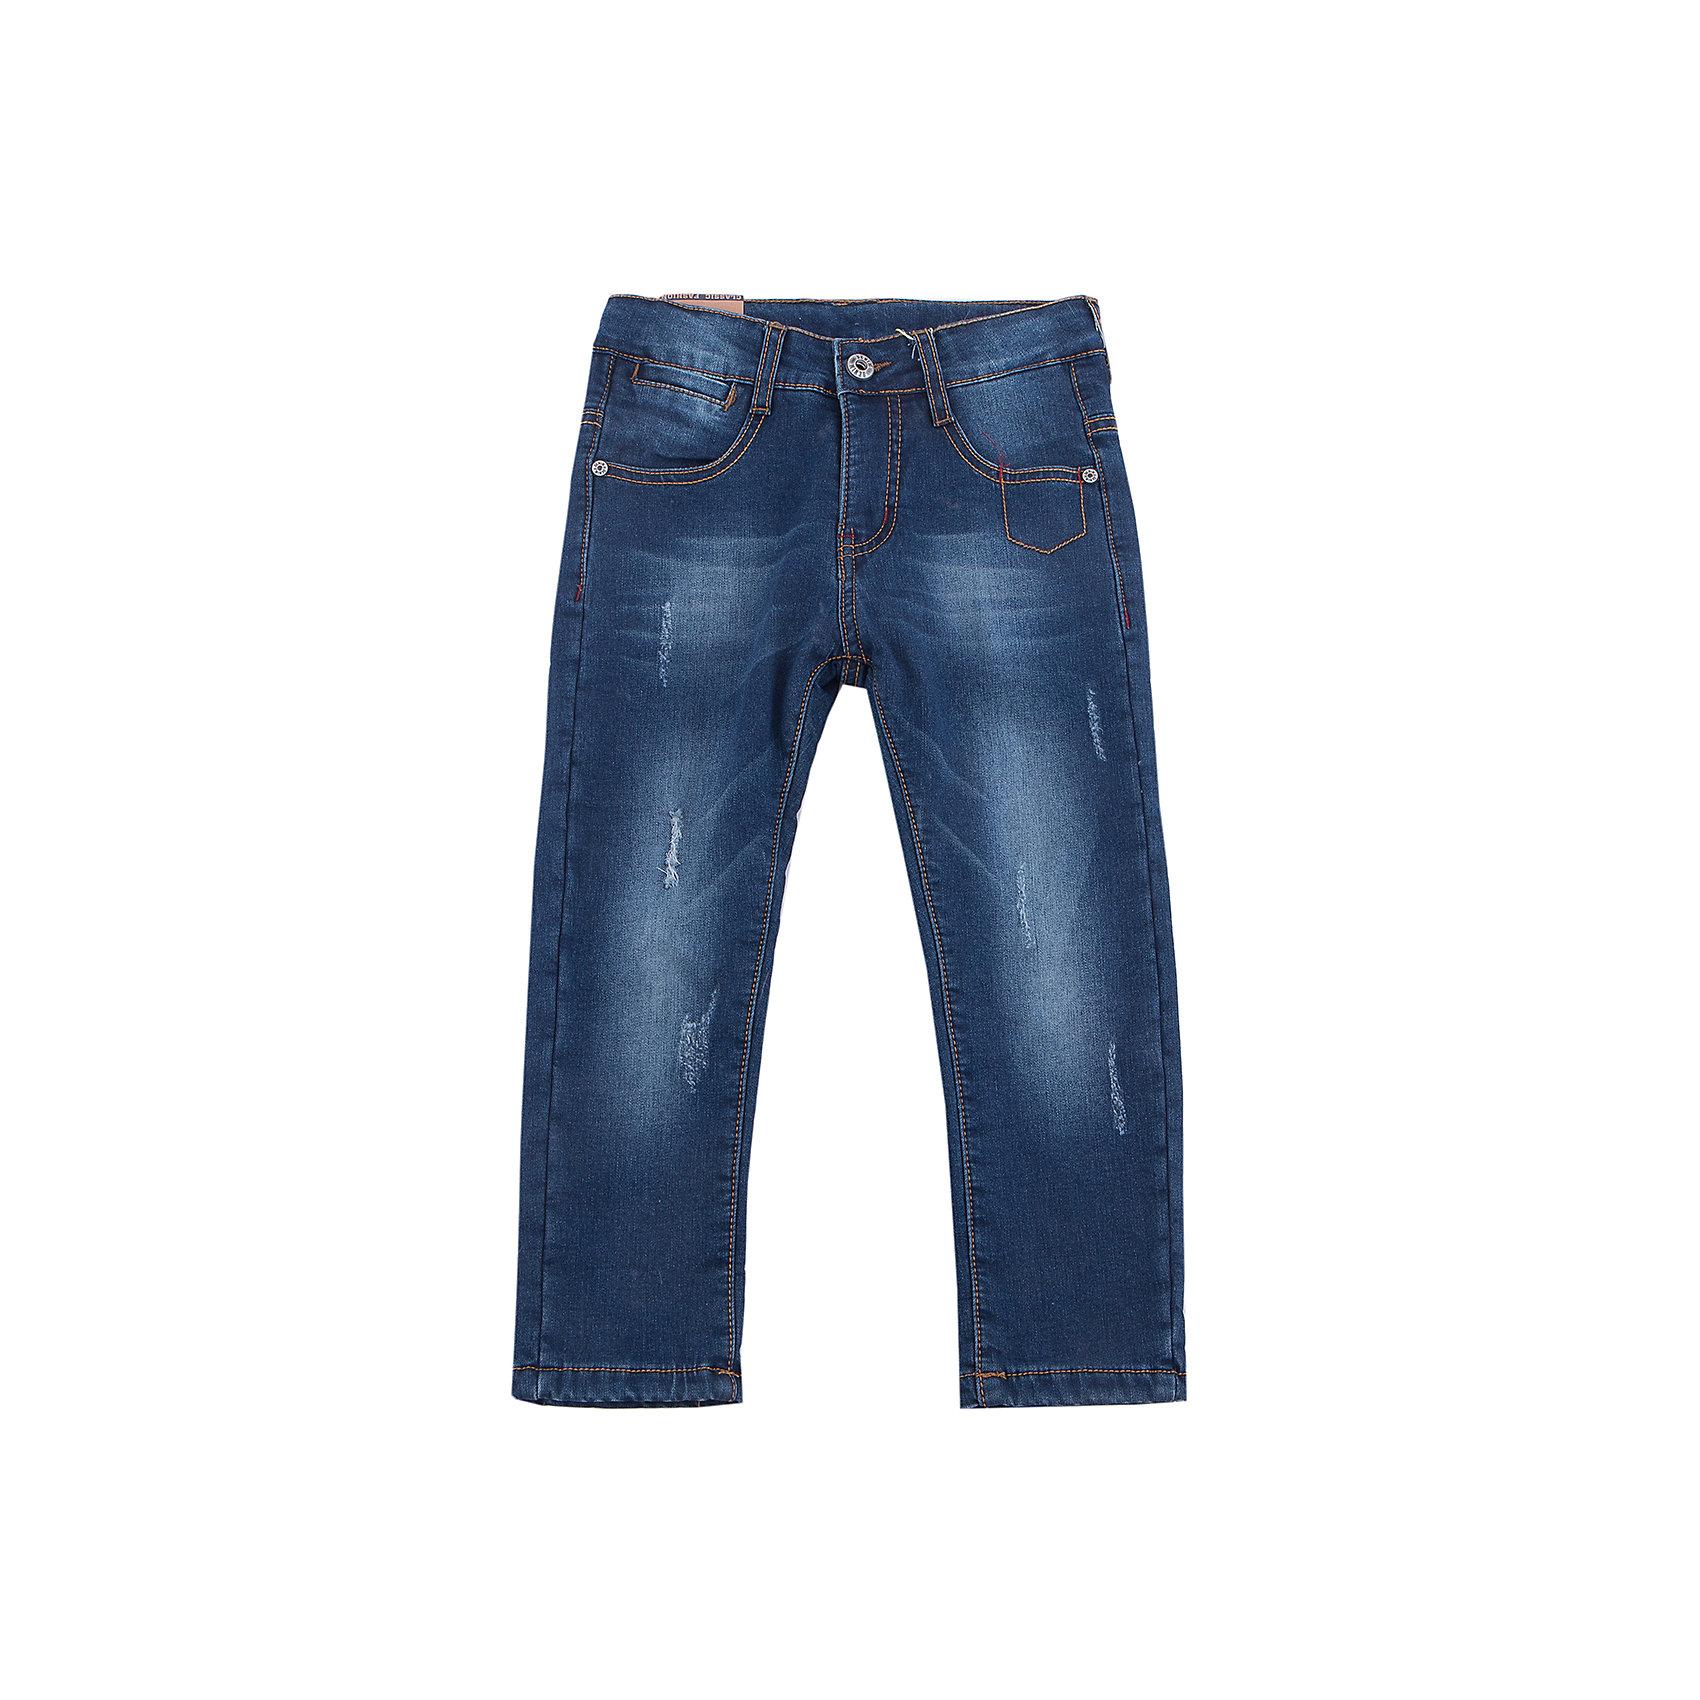 Брюки Sweet Berry для мальчикаДжинсовая одежда<br>Брюки Sweet Berry для мальчика<br>Утепленные джинсовый брюки для мальчика на флисовой подкладке с оригинальной варкой. Прямой крой, средняя посадка. Застегиваются на молнию и пуговицу. Шлевки на поясе рассчитаны под ремень. В боковой части пояса находятся вшитые эластичные ленты, регулирующие посадку по талии.<br>Состав:<br>Основная ткань: 98% хлопок, 2% спандекс Подкладка: 100% полиэстер<br><br>Ширина мм: 215<br>Глубина мм: 88<br>Высота мм: 191<br>Вес г: 336<br>Цвет: синий<br>Возраст от месяцев: 84<br>Возраст до месяцев: 96<br>Пол: Мужской<br>Возраст: Детский<br>Размер: 128,98,104,110,116,122<br>SKU: 7094959